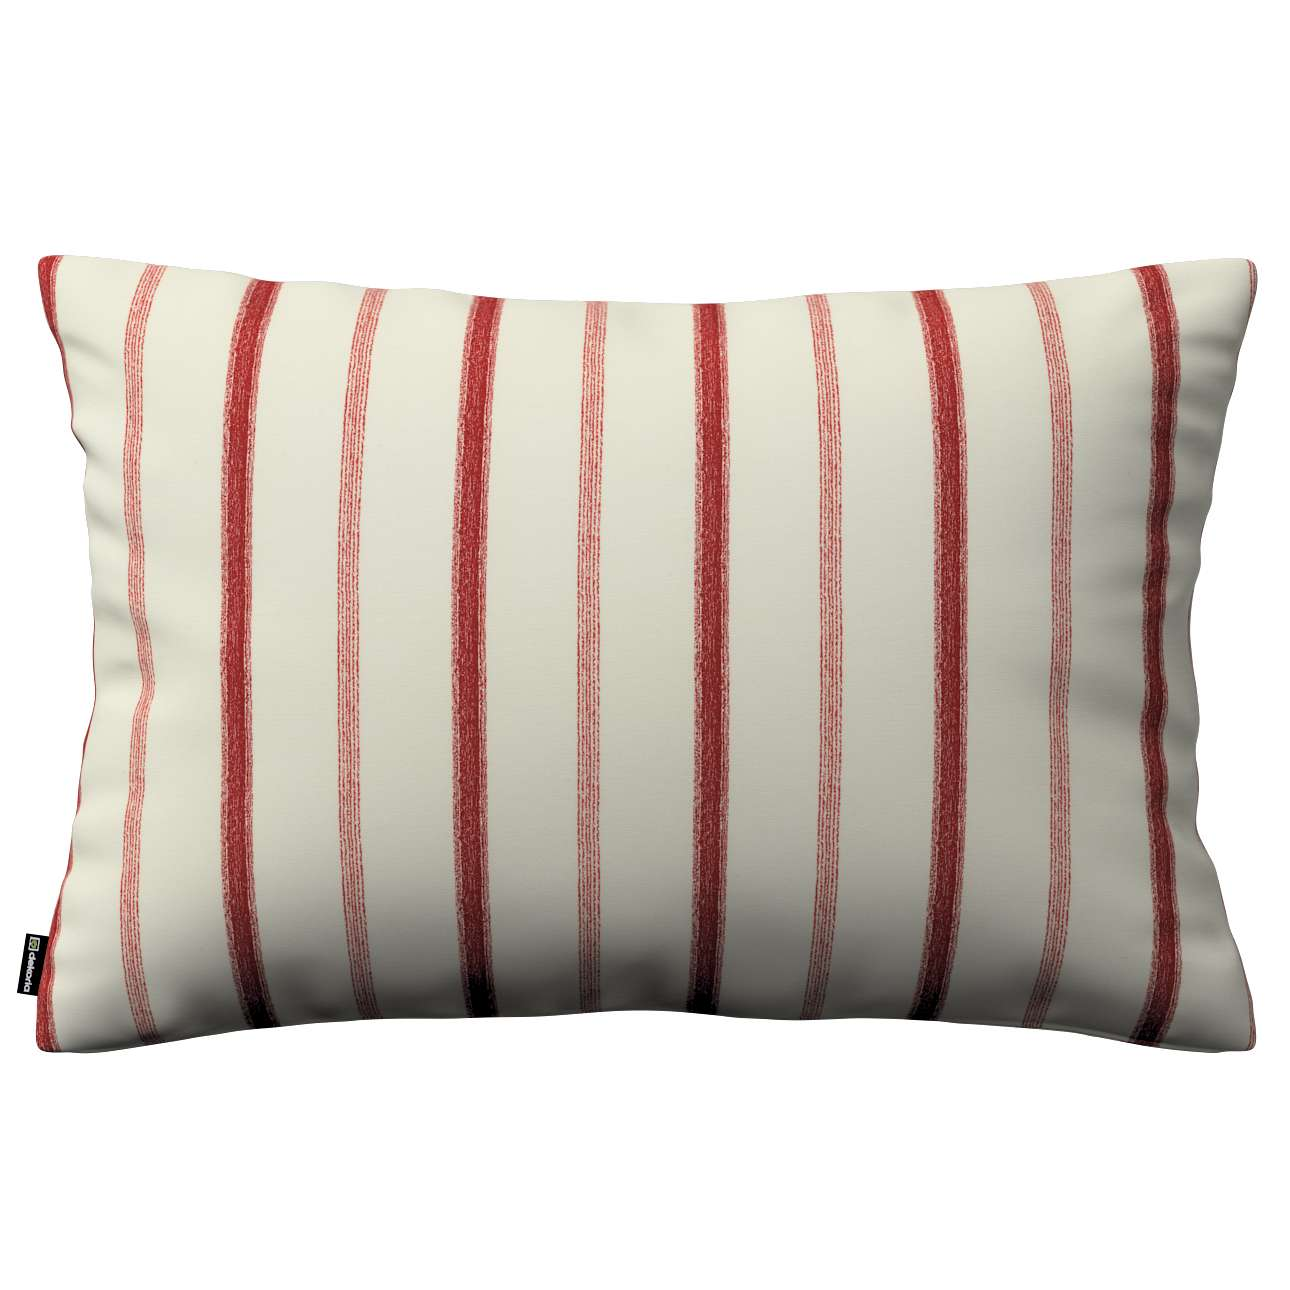 Poszewka Kinga na poduszkę prostokątną 60 x 40 cm w kolekcji Avinon, tkanina: 129-15